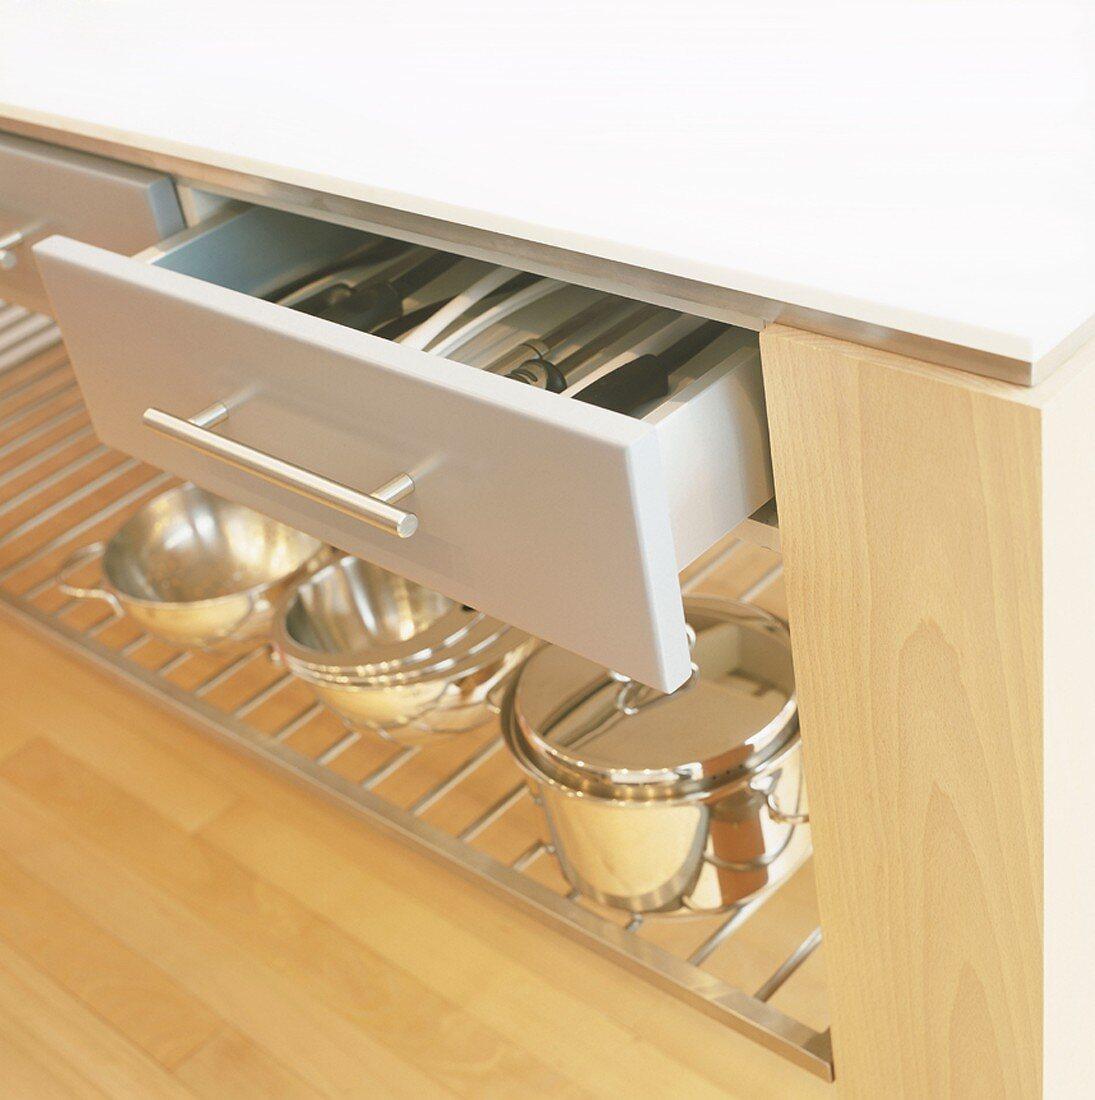 A cutlery drawer